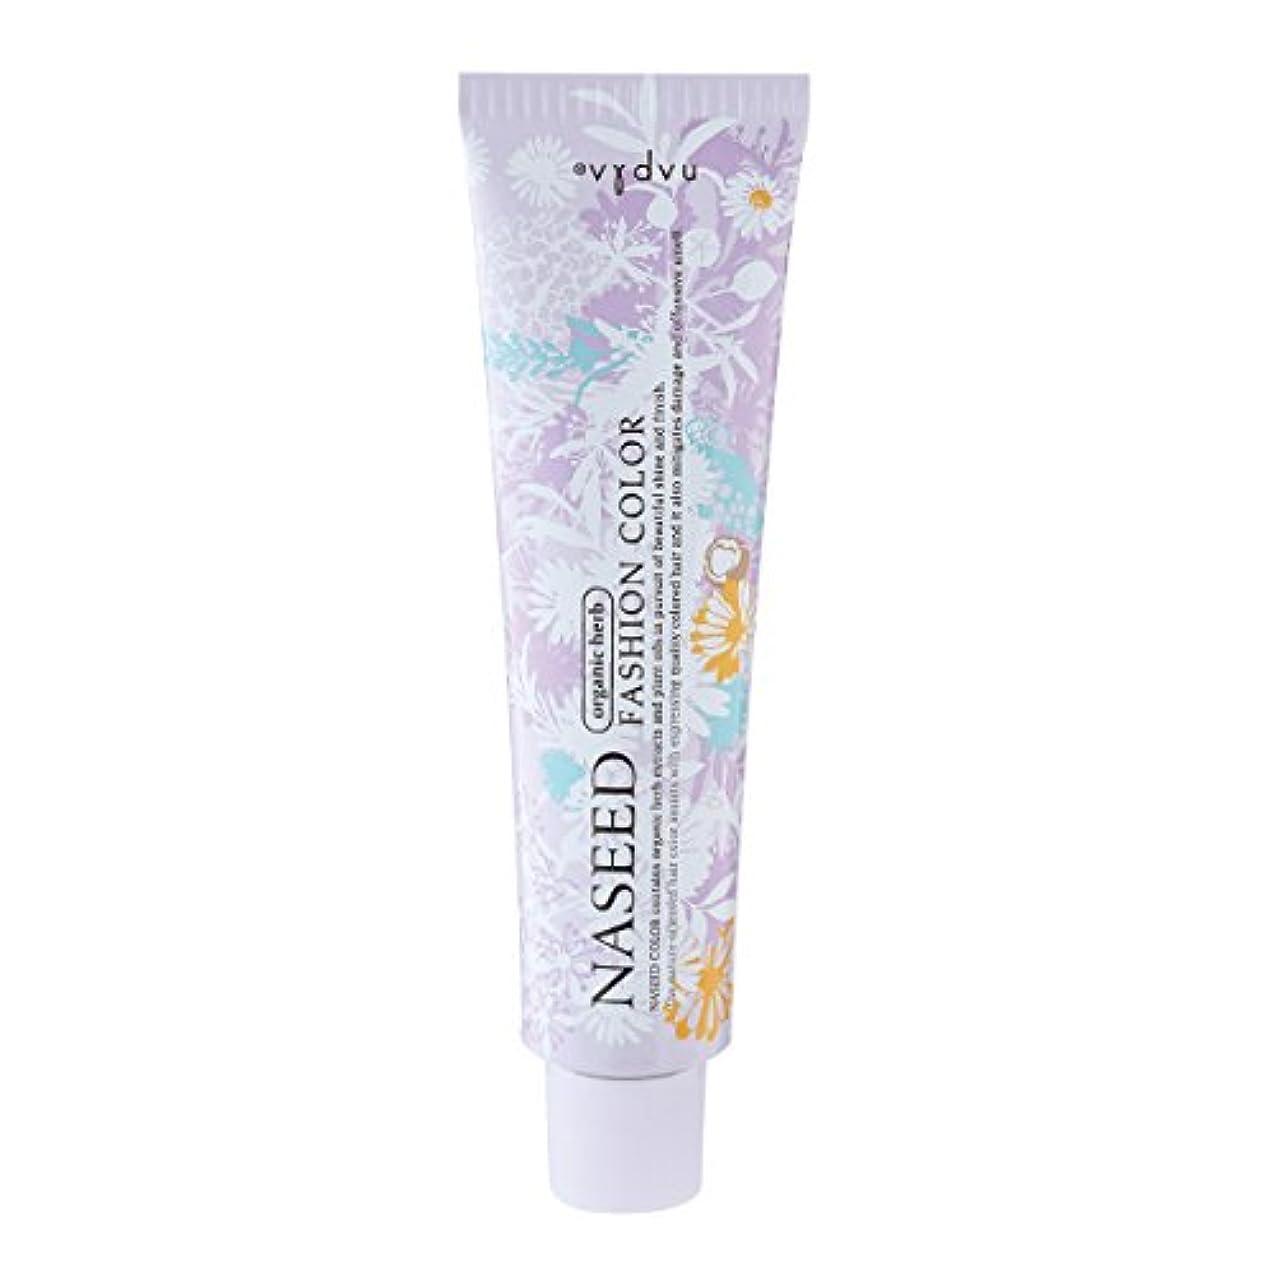 ナプラ ナシードカラー ナチュラル N-N8 80g (ファッションカラー) 【業務用】 【ヘアカラー1剤】